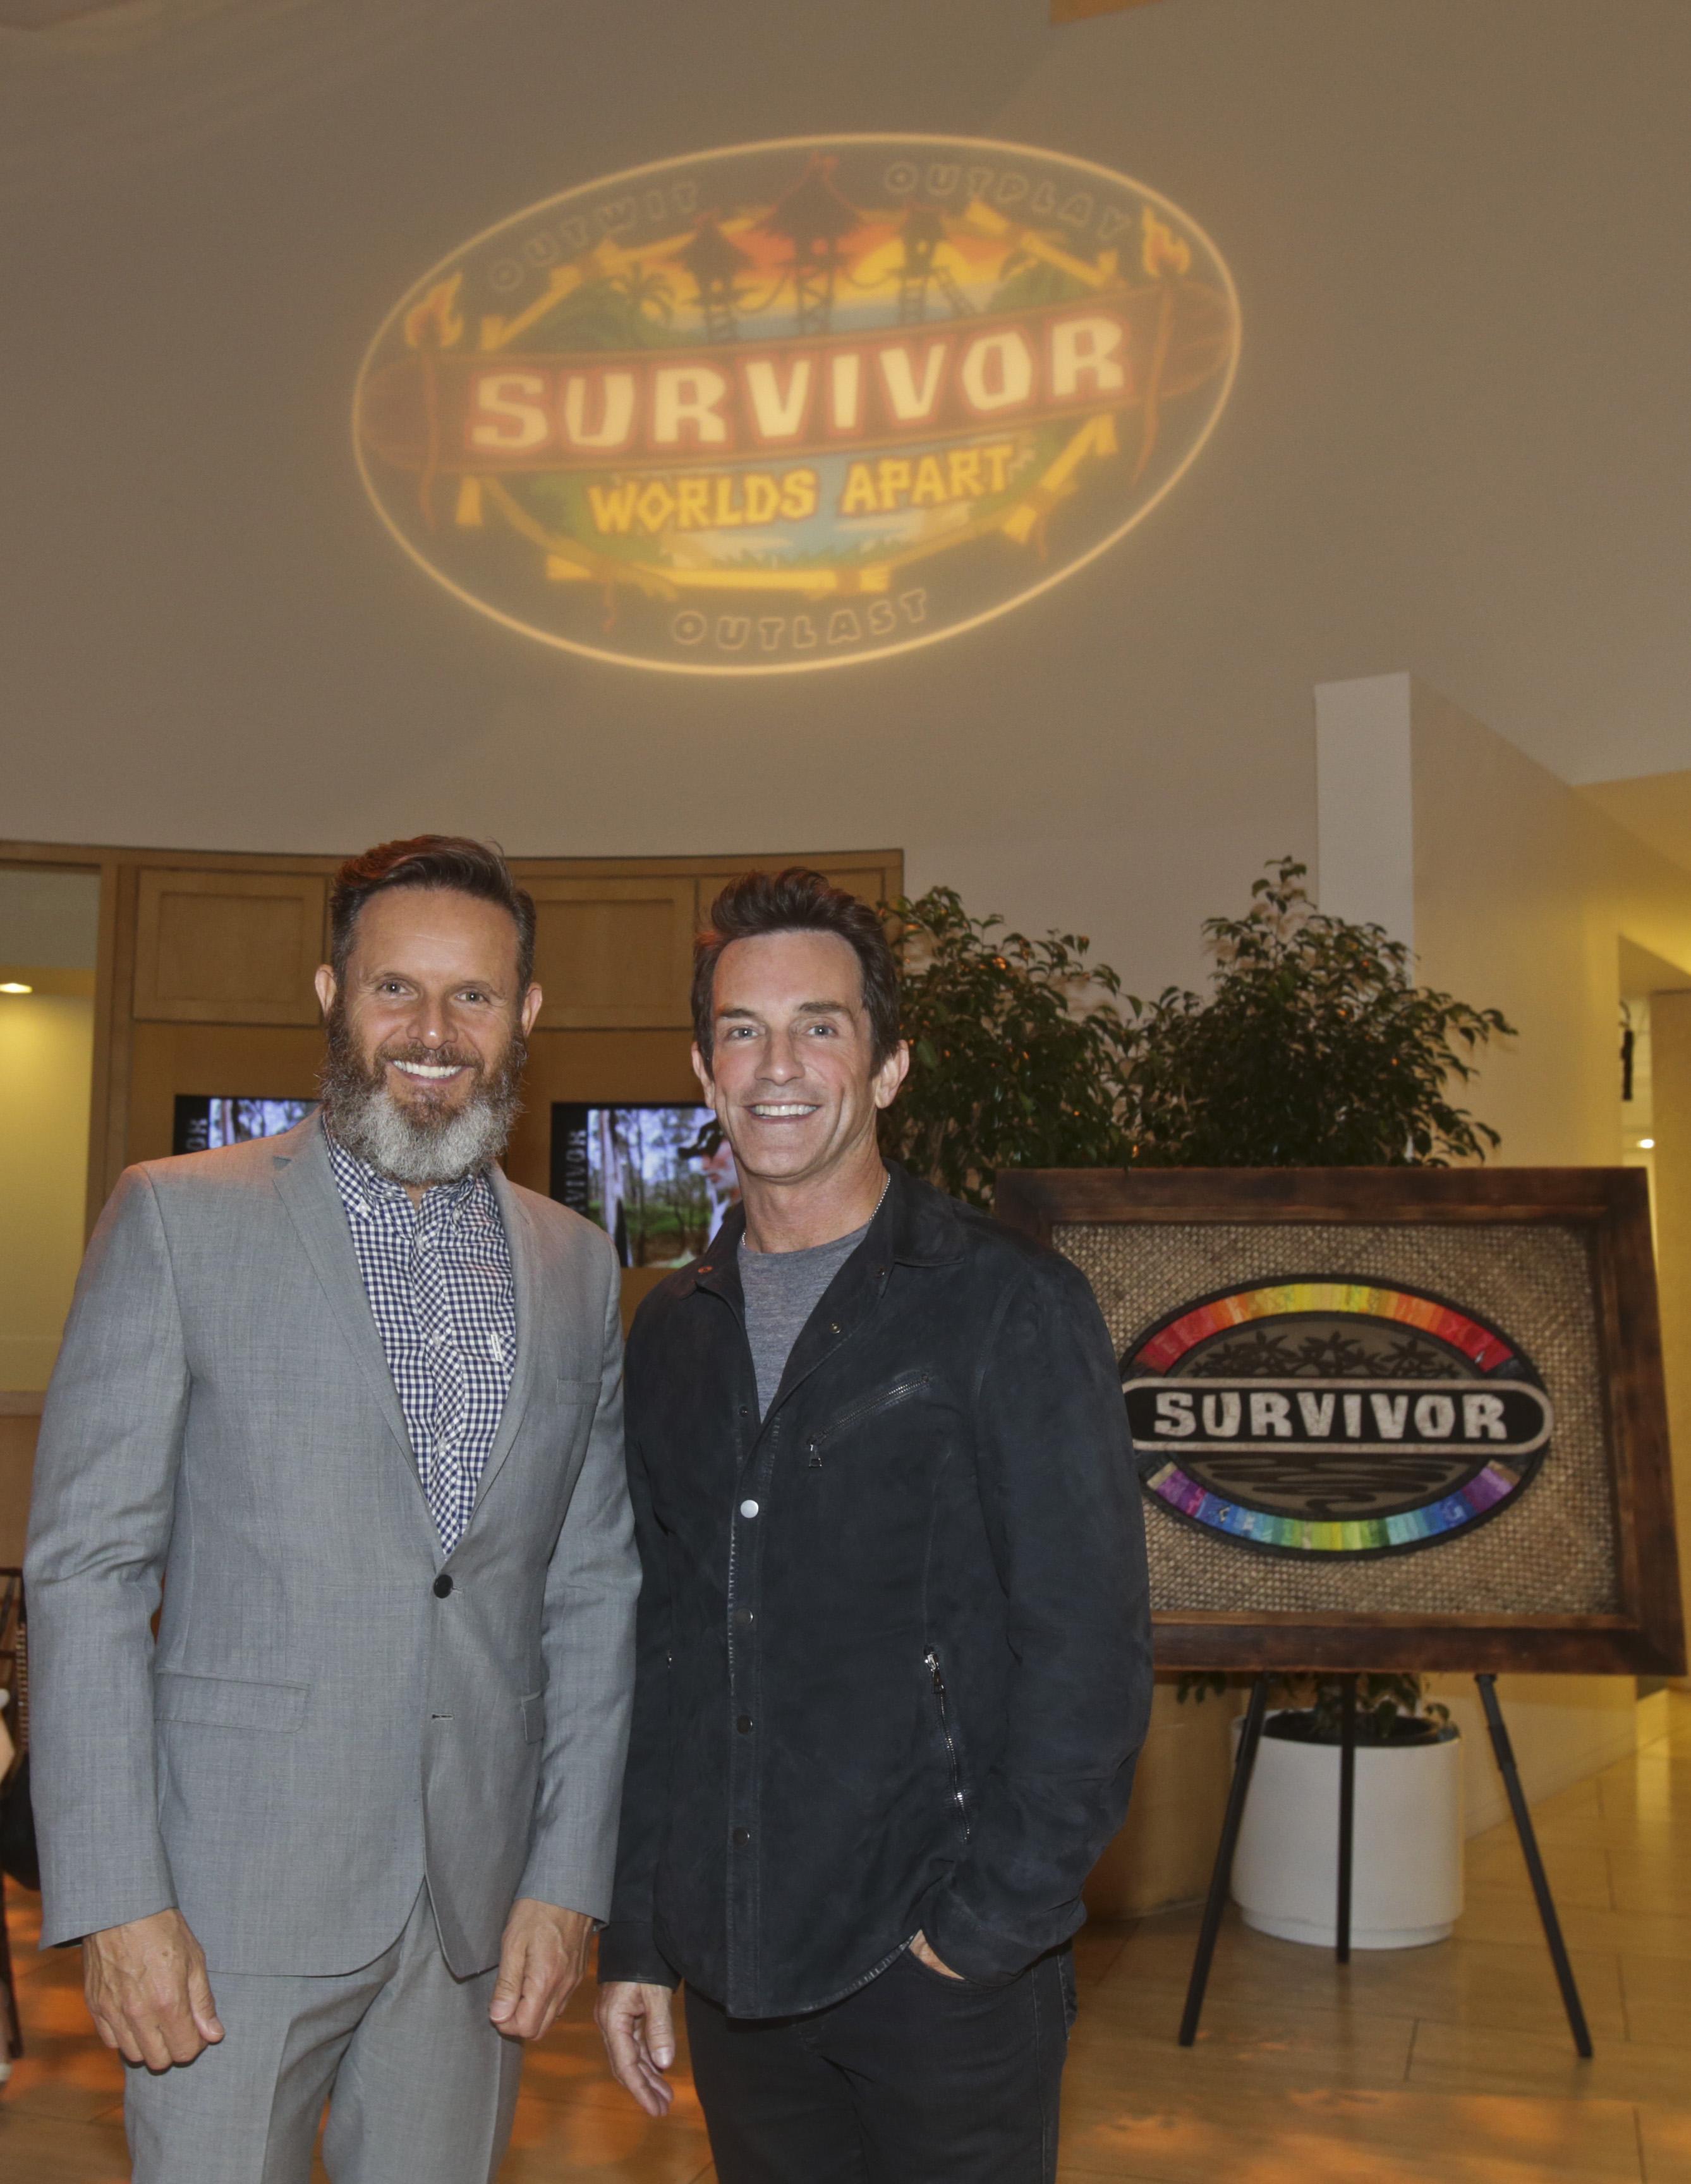 Mark Burnett and Jeff Probst